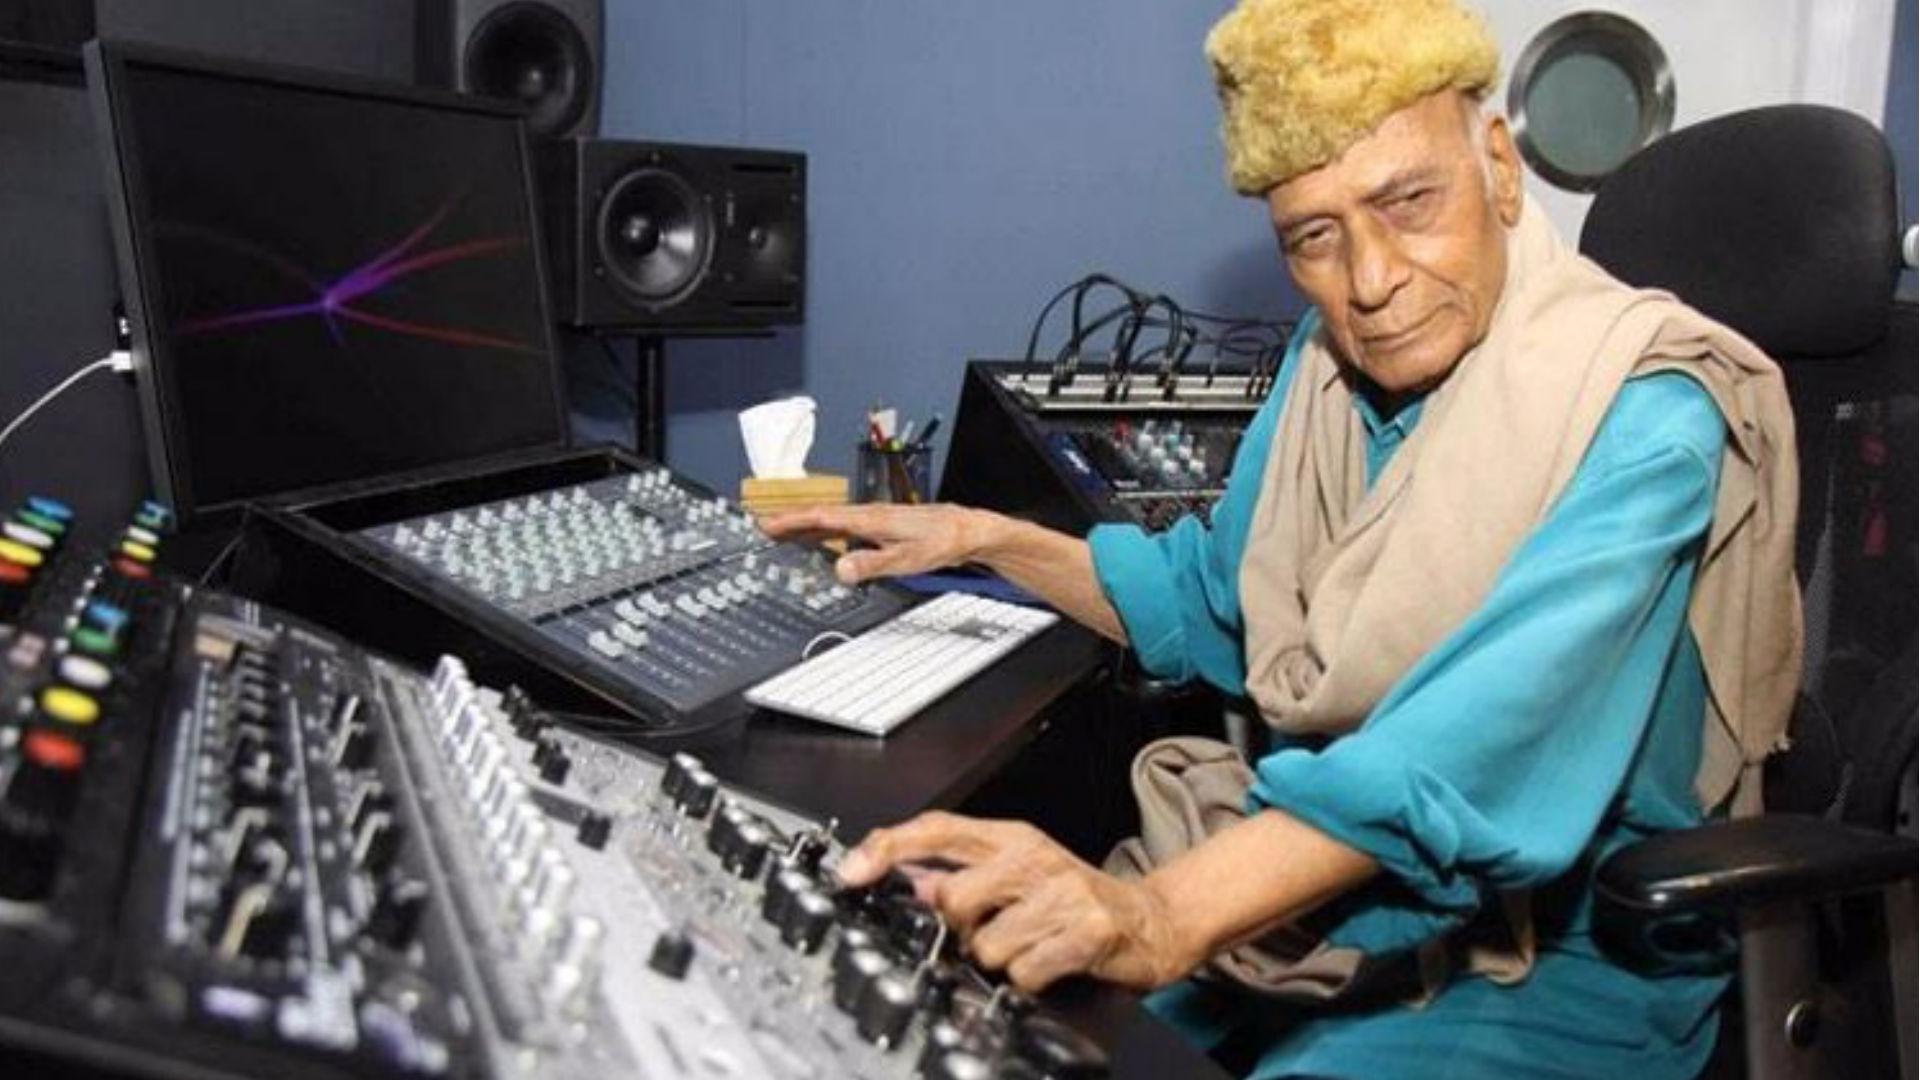 नहीं रहे दिग्गज संगीतकार मोहम्मद जहूर खय्याम हाशमी, मुंबई के अस्पताल में ली अंतिम सांस